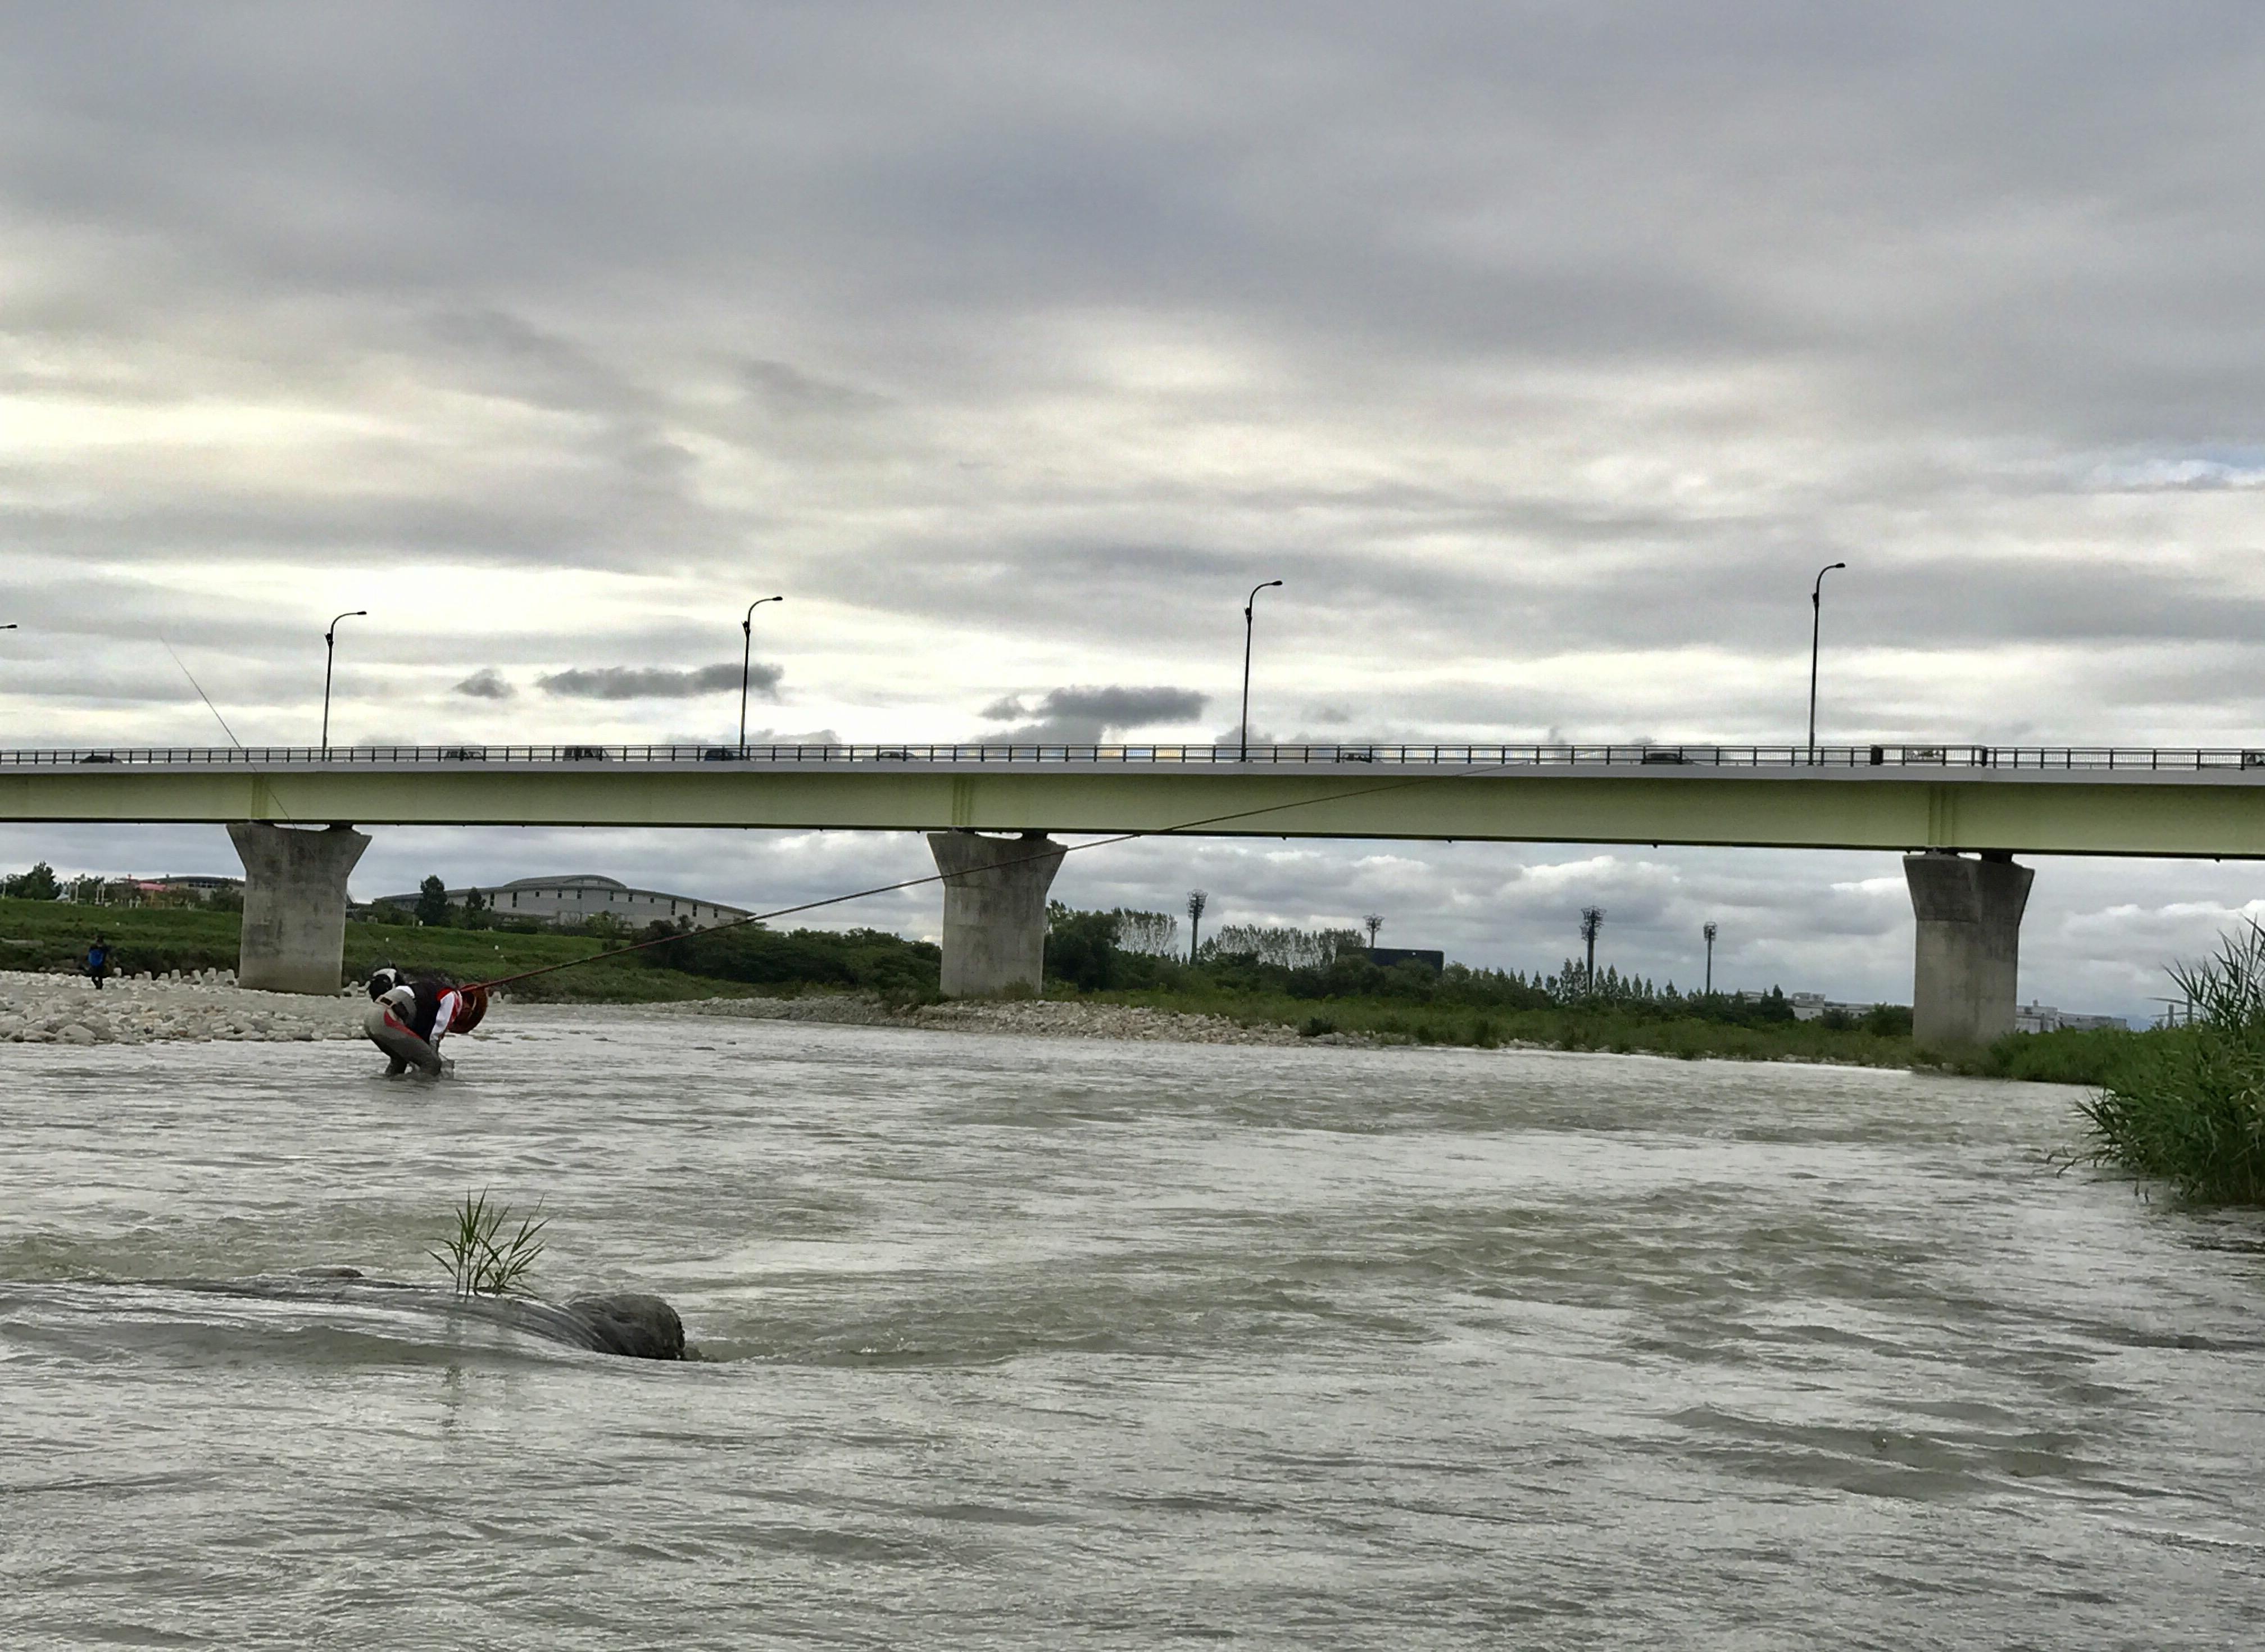 アユ釣果情報と川の様子